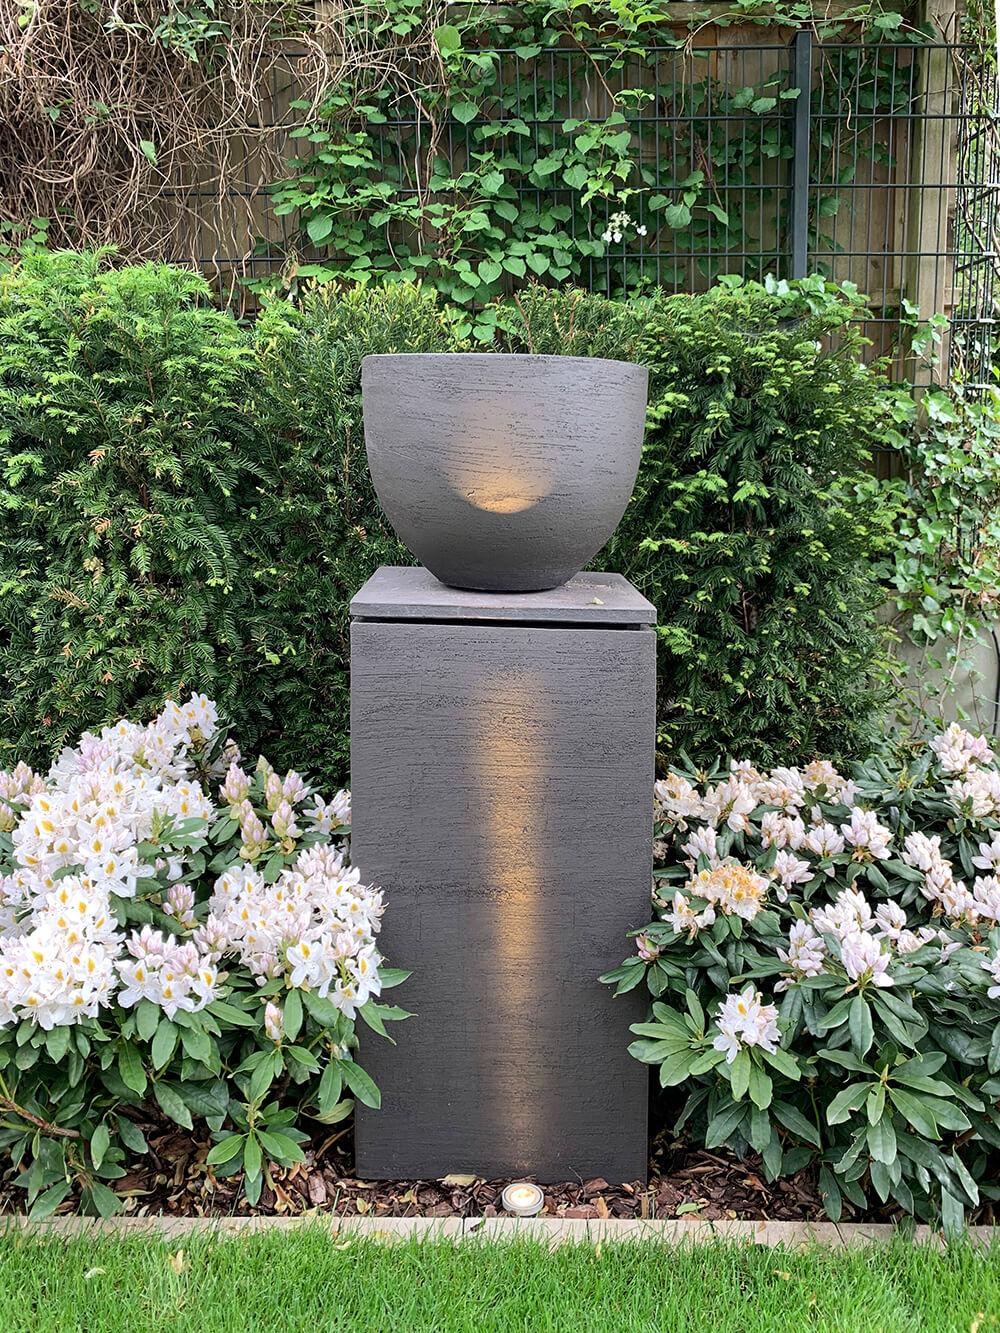 Ukłon wstronę klasyki, ogród formalny wnowoczesnej interpretacji